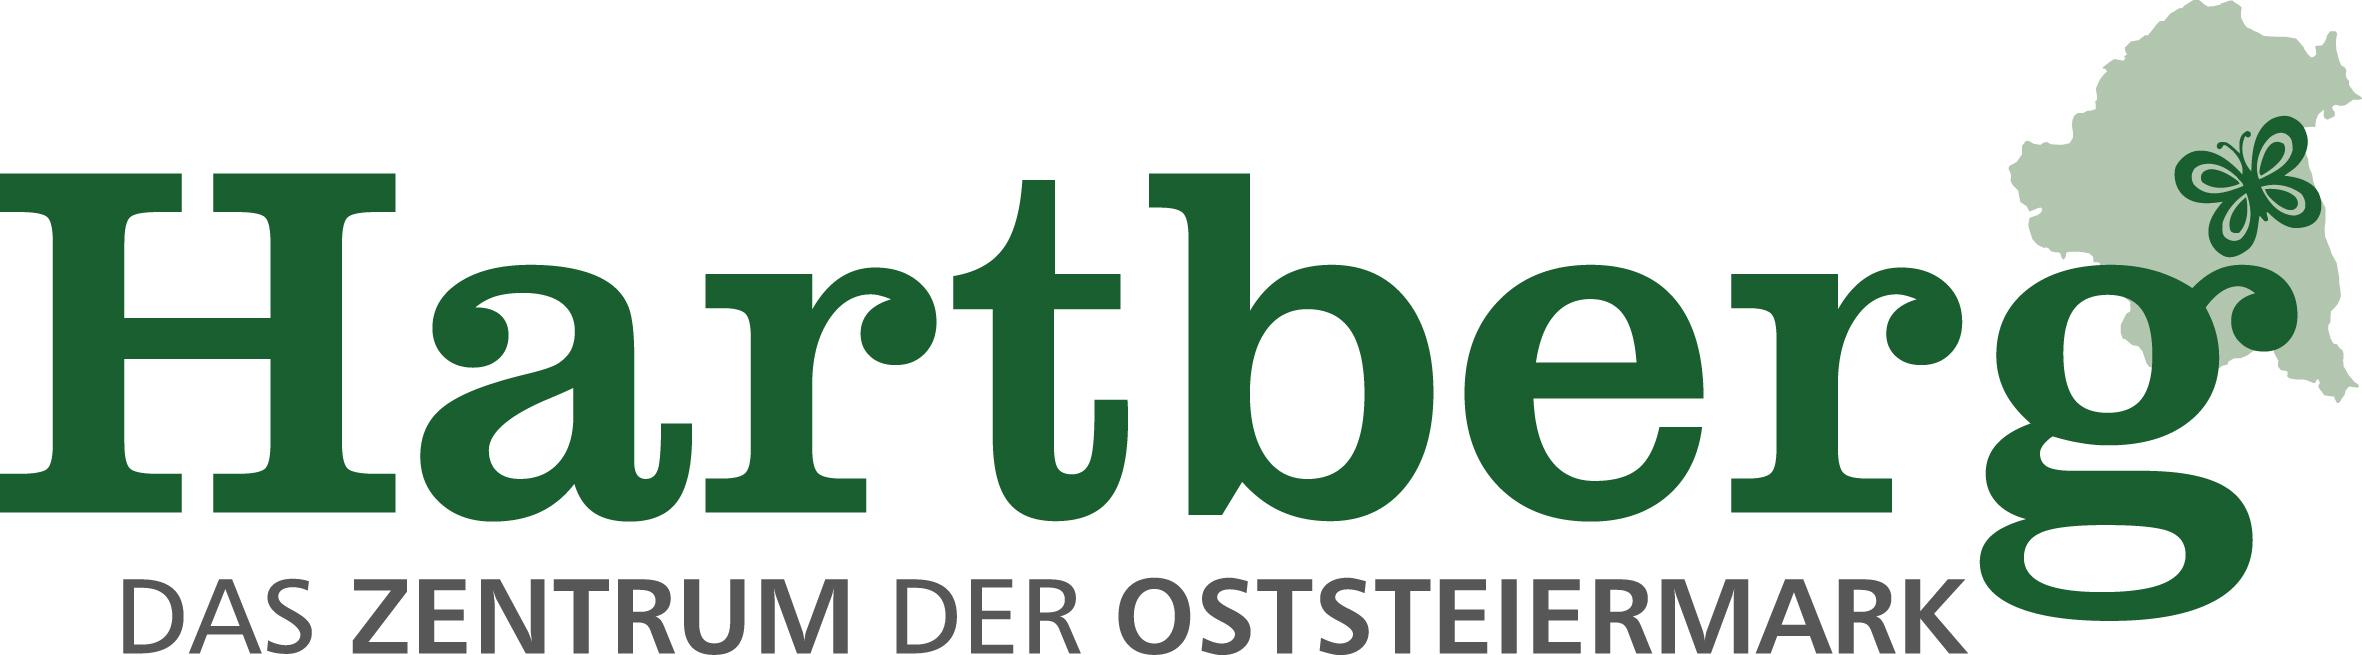 HB Logo 2017 schmetterling-final